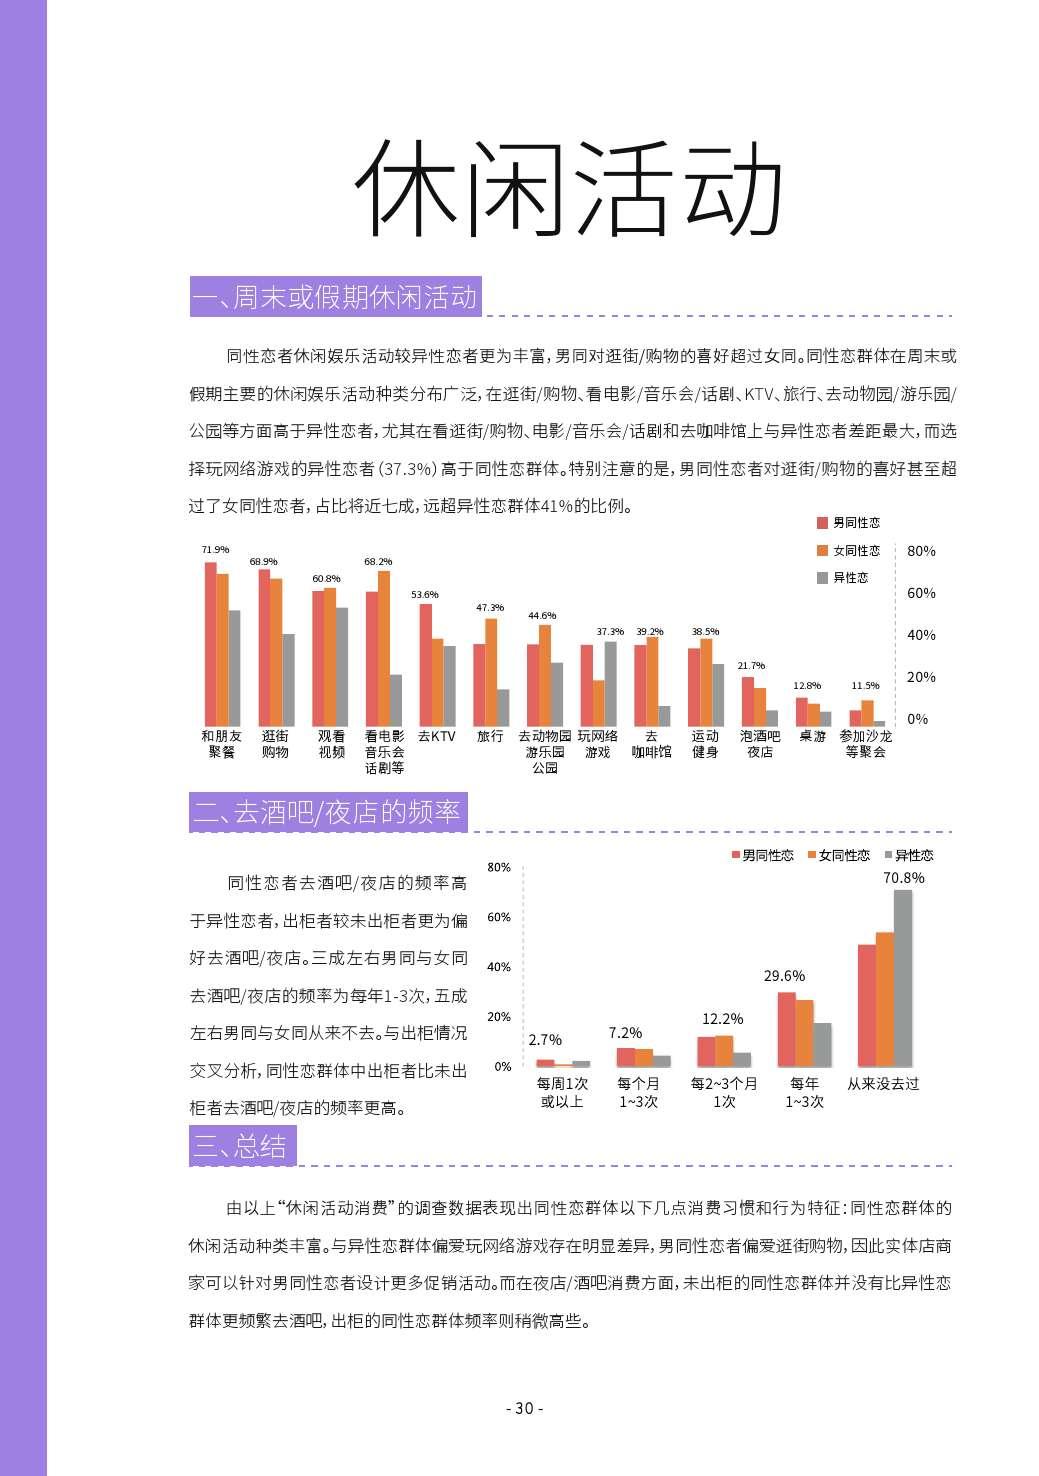 第二届中国LGBT群体消费调查报告_000030